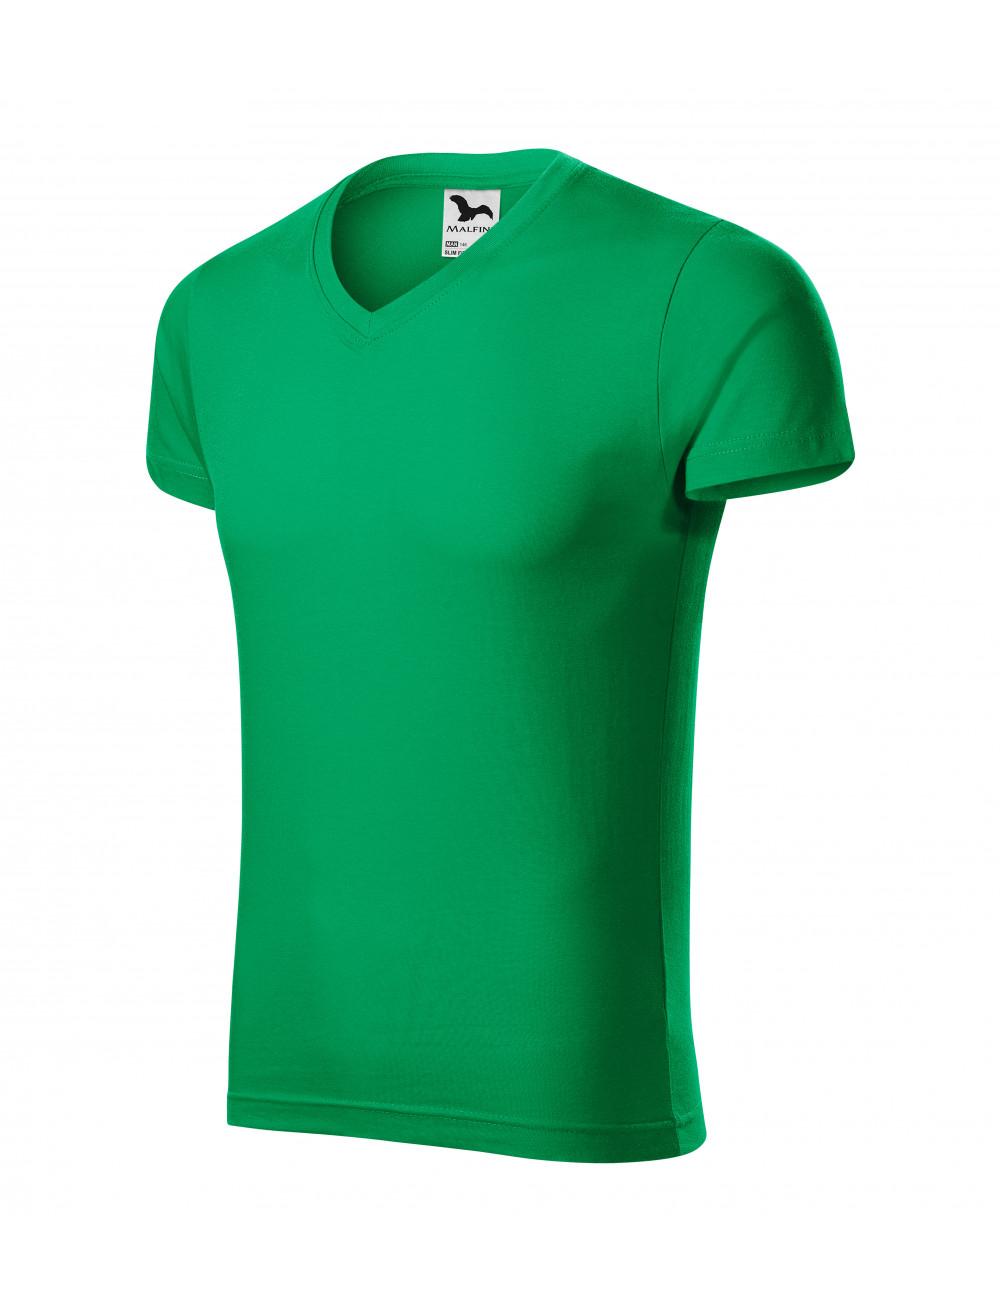 Adler MALFINI Koszulka męska Slim Fit V-neck 146 zieleń trawy